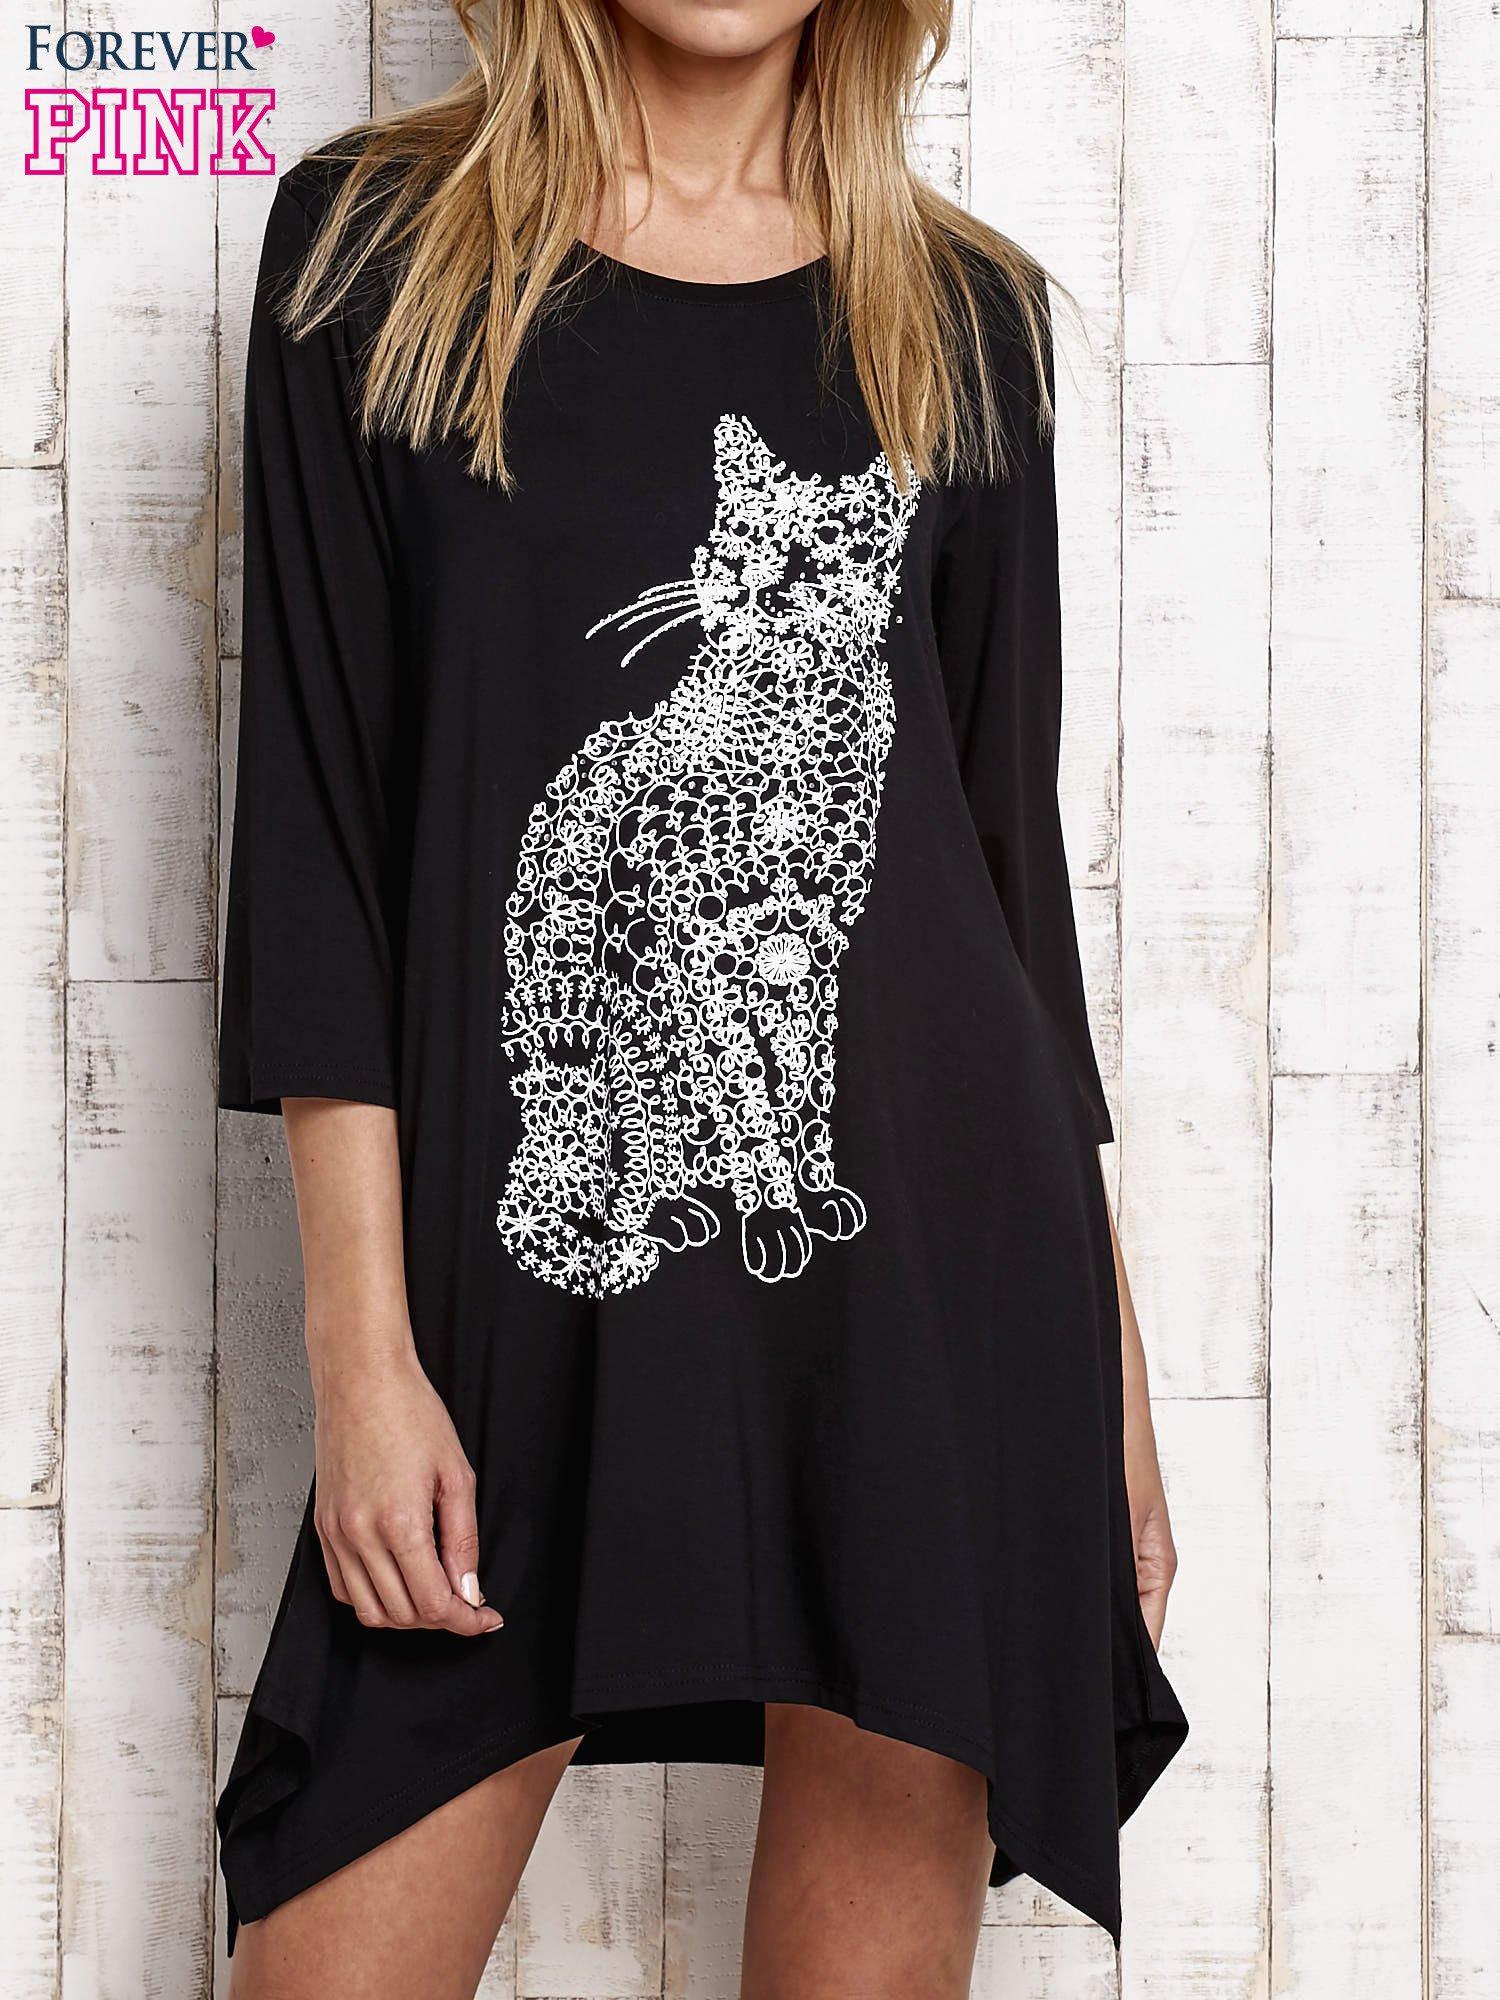 Bardzo dobra Czarna sukienka z nadrukiem kota i błyszczącą aplikacją - Sukienka NF54